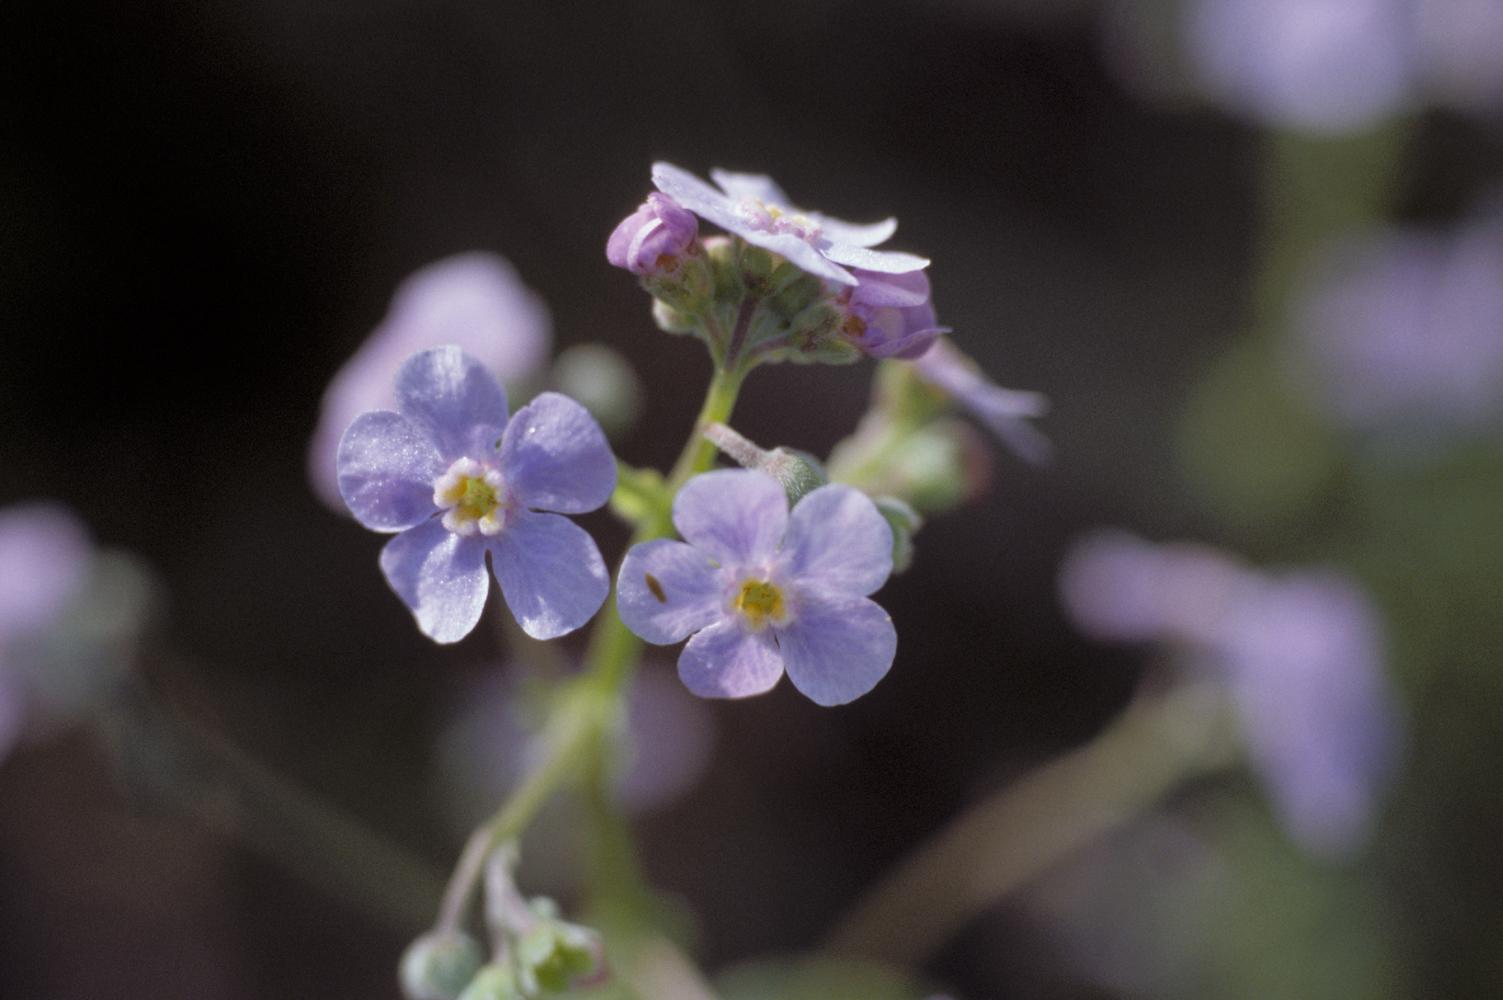 Hackelia amethystina